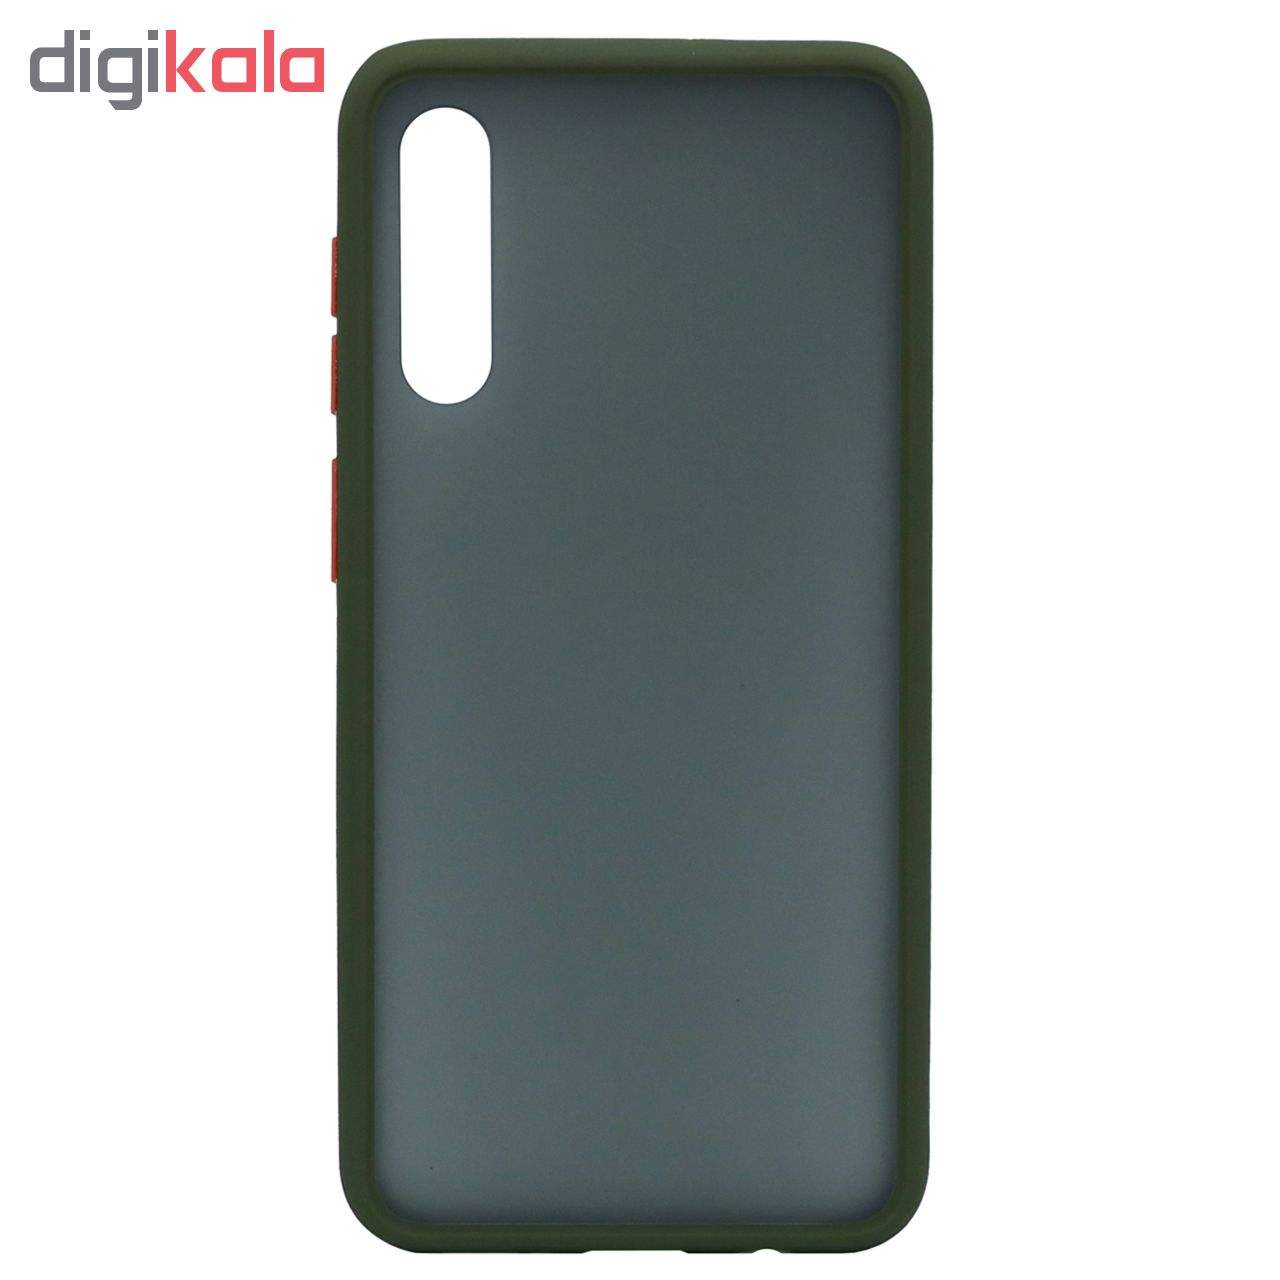 کاور مدل Sb-001 مناسب برای گوشی موبایل سامسونگ Galaxy A50/A30s/A50s main 1 1